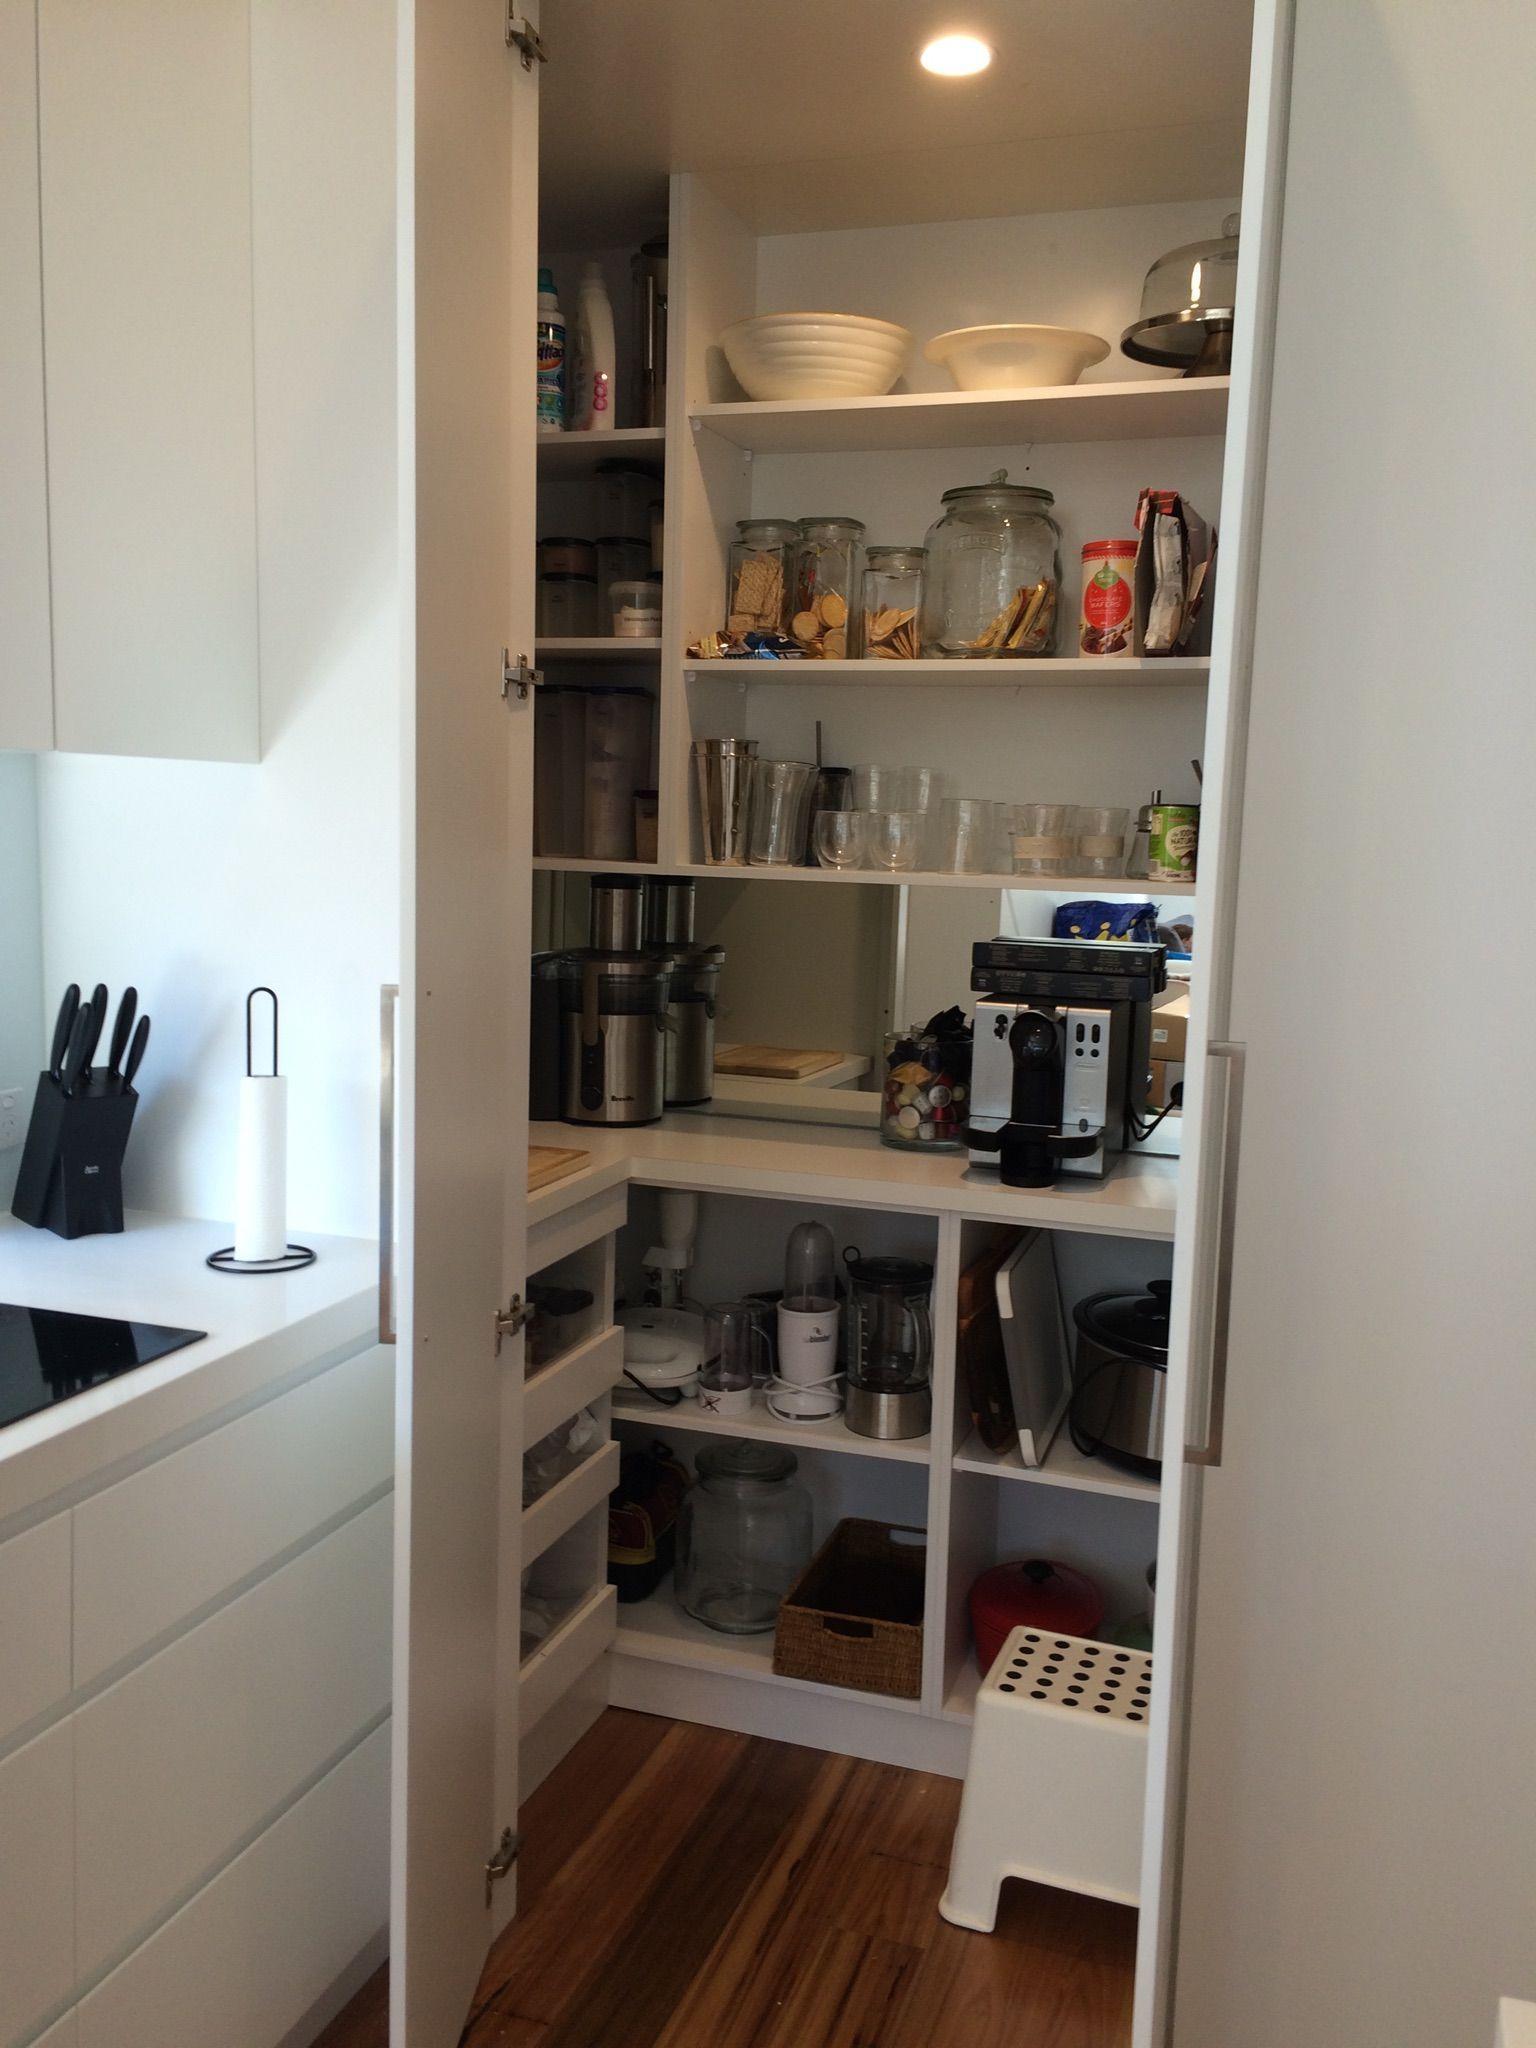 Eckspeisekammer aber mit Taschentür. Vorratsregal für Geräte #kitchenpantryst ...#aber #eckspeisekammer #für #geräte #kitchenpantryst #mit #taschentür #vorratsregal